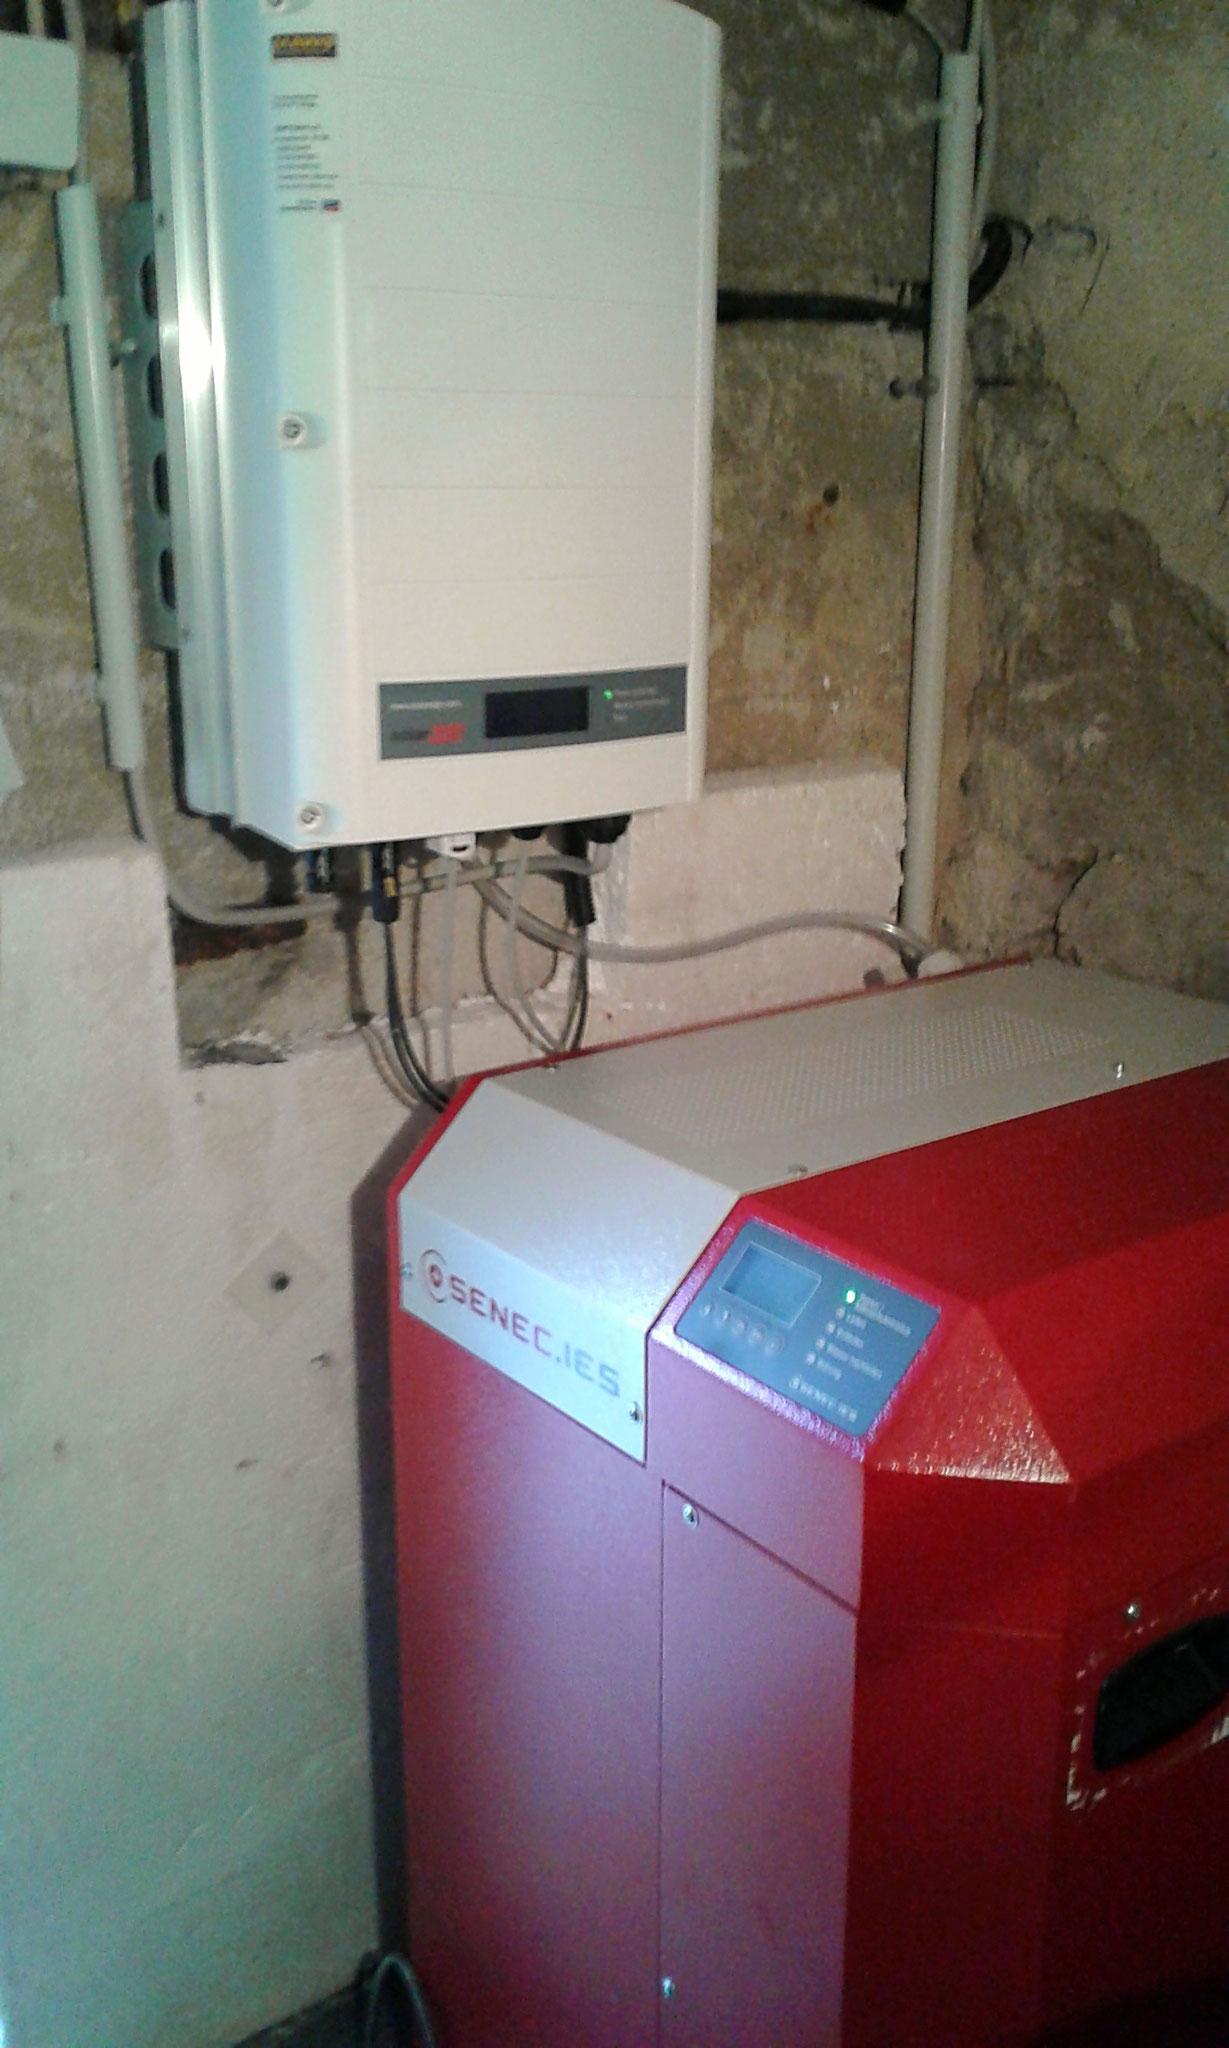 4 kWh Pb Senec Speicher in Bernöwe bei Oranienburg in Kombination mit einer Solarwatt PV-Anlage